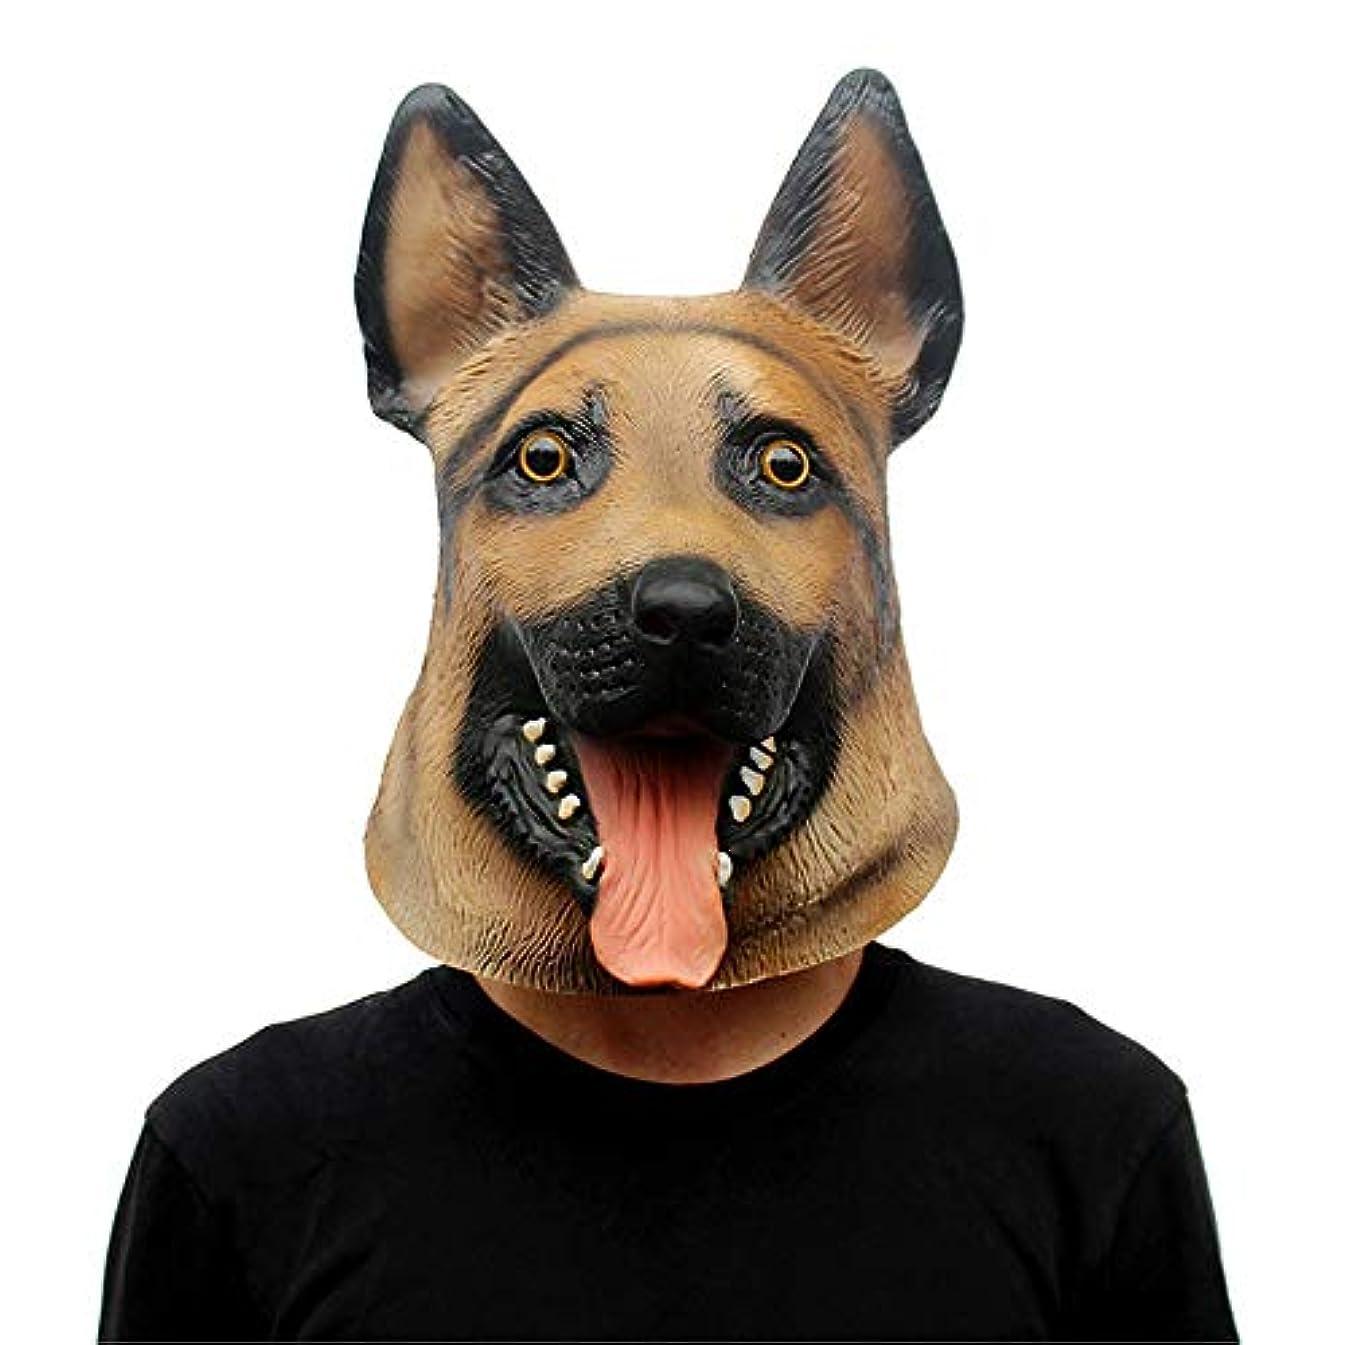 ファランクス役割定期的な柴犬マスクラテックスマスクハロウィンコスプレ小道具犬ヘッドマスク